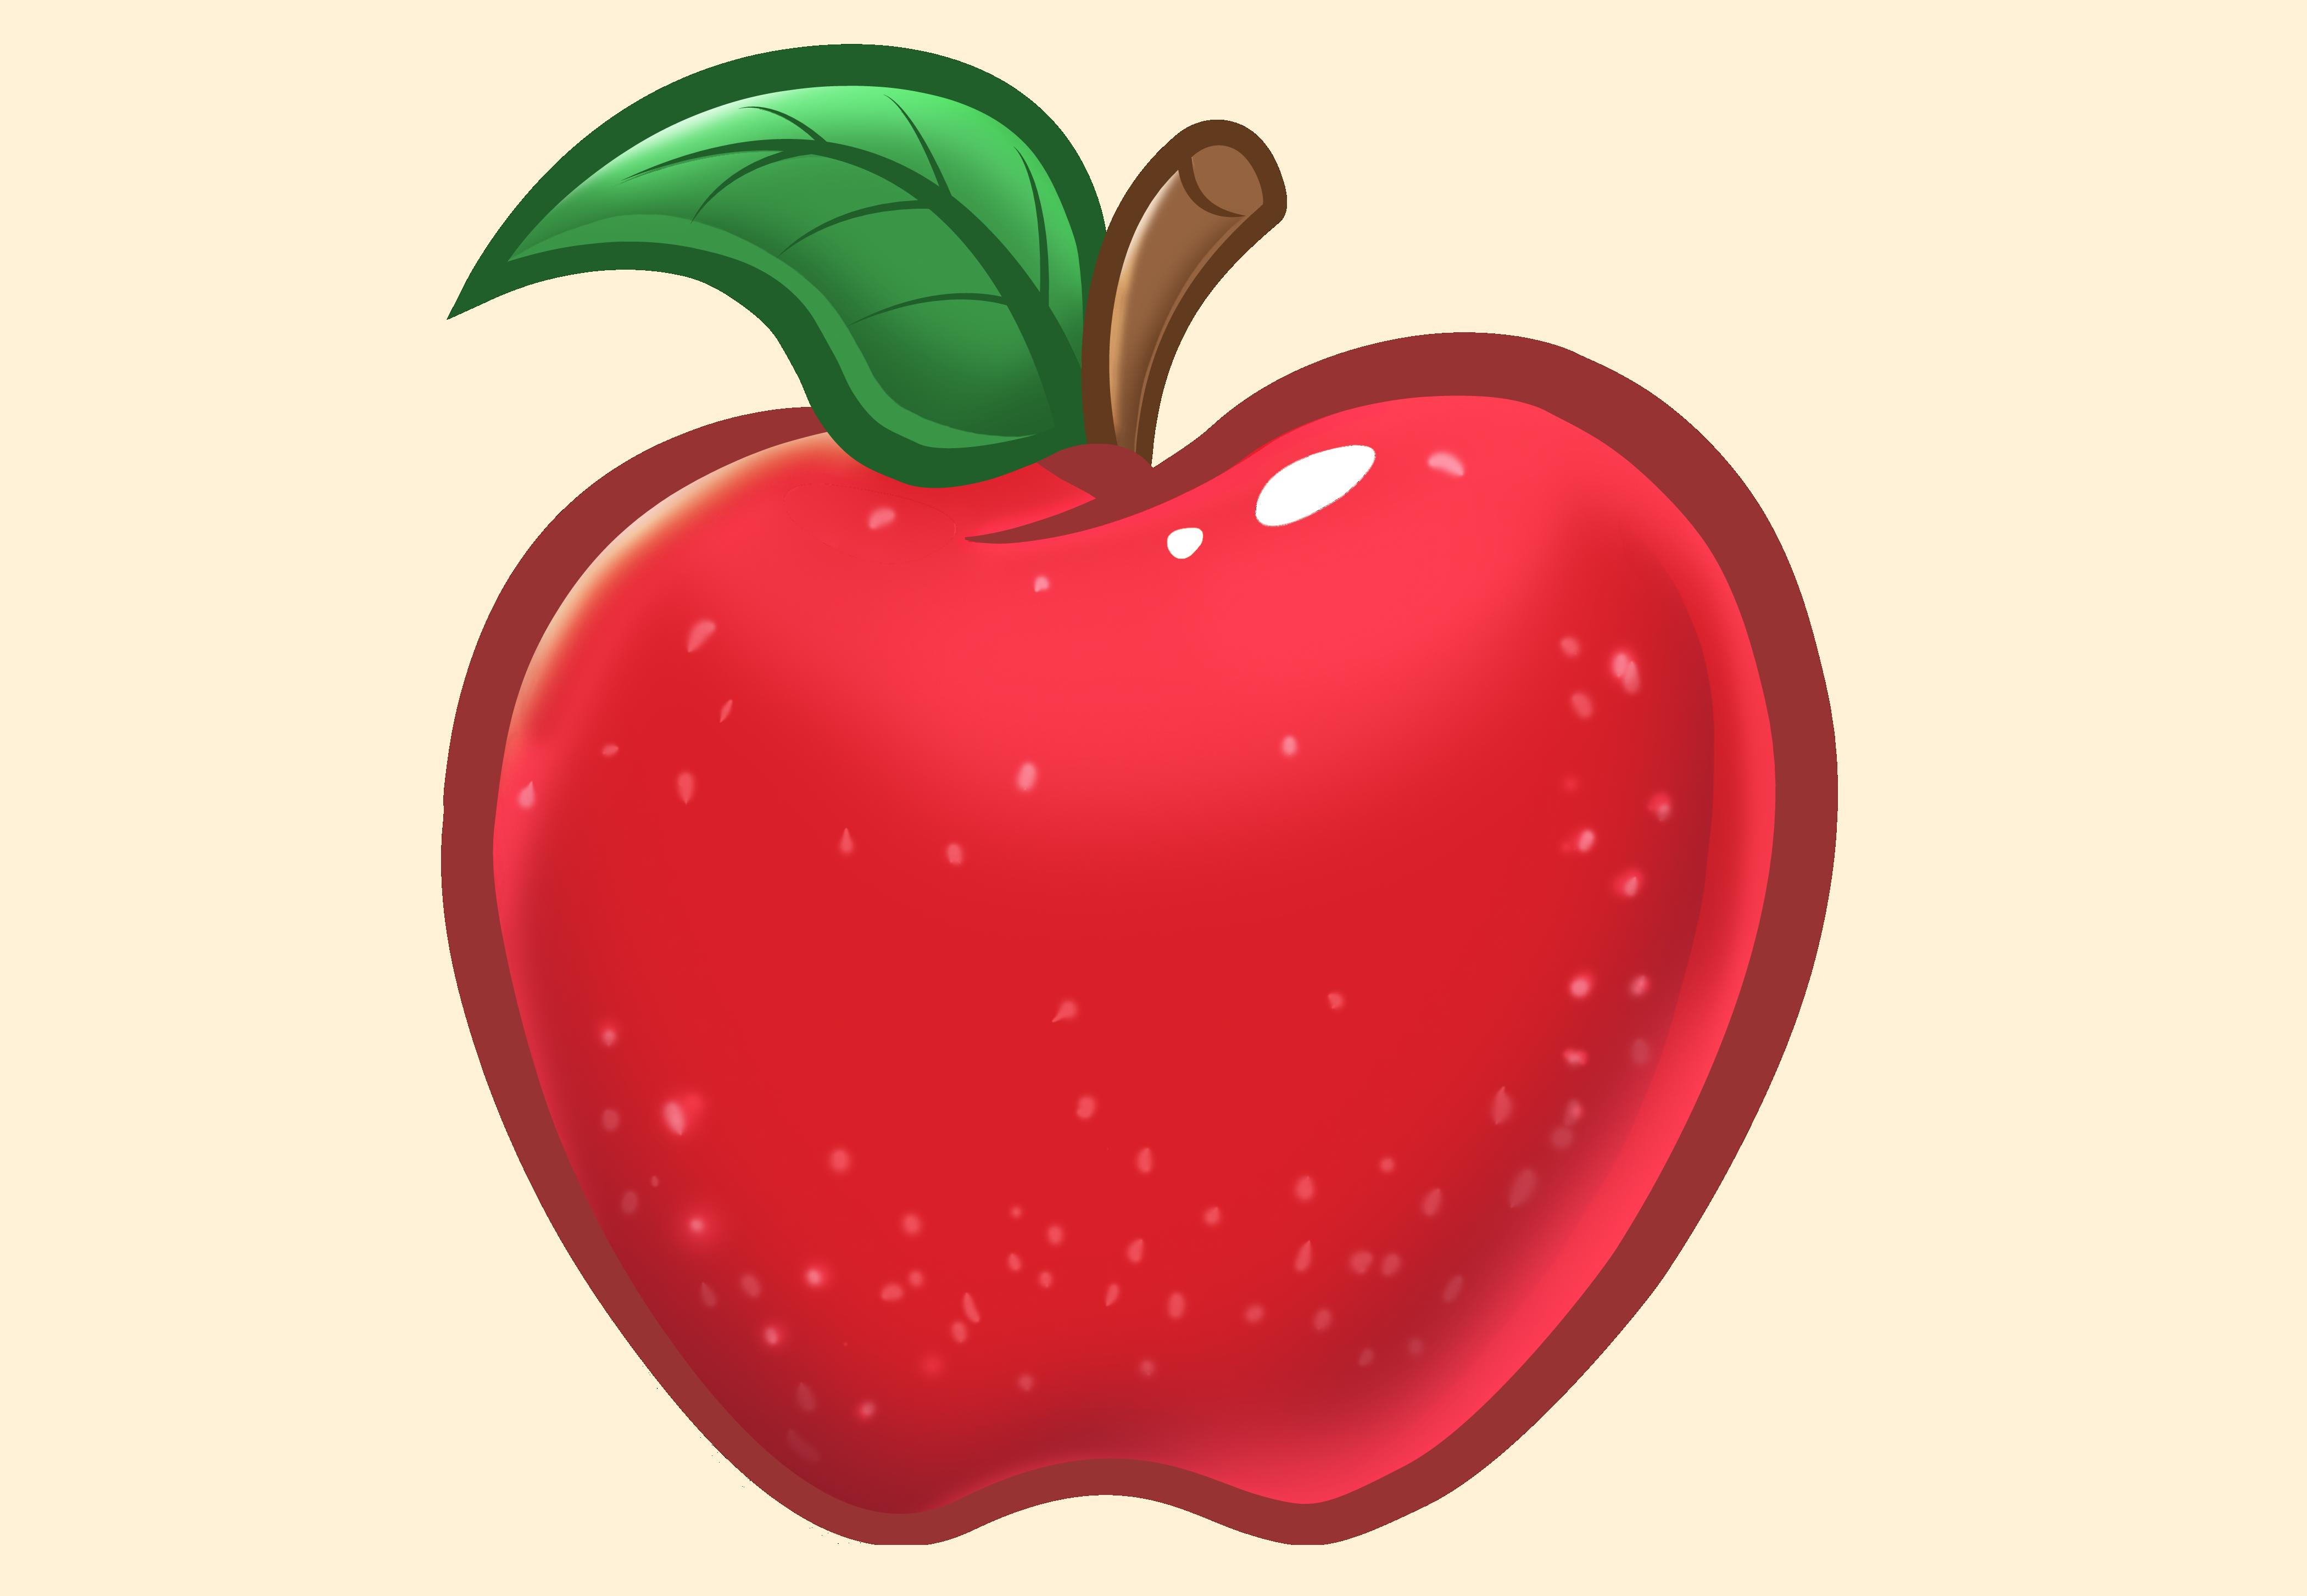 Hình vẽ quả táo cực đẹp